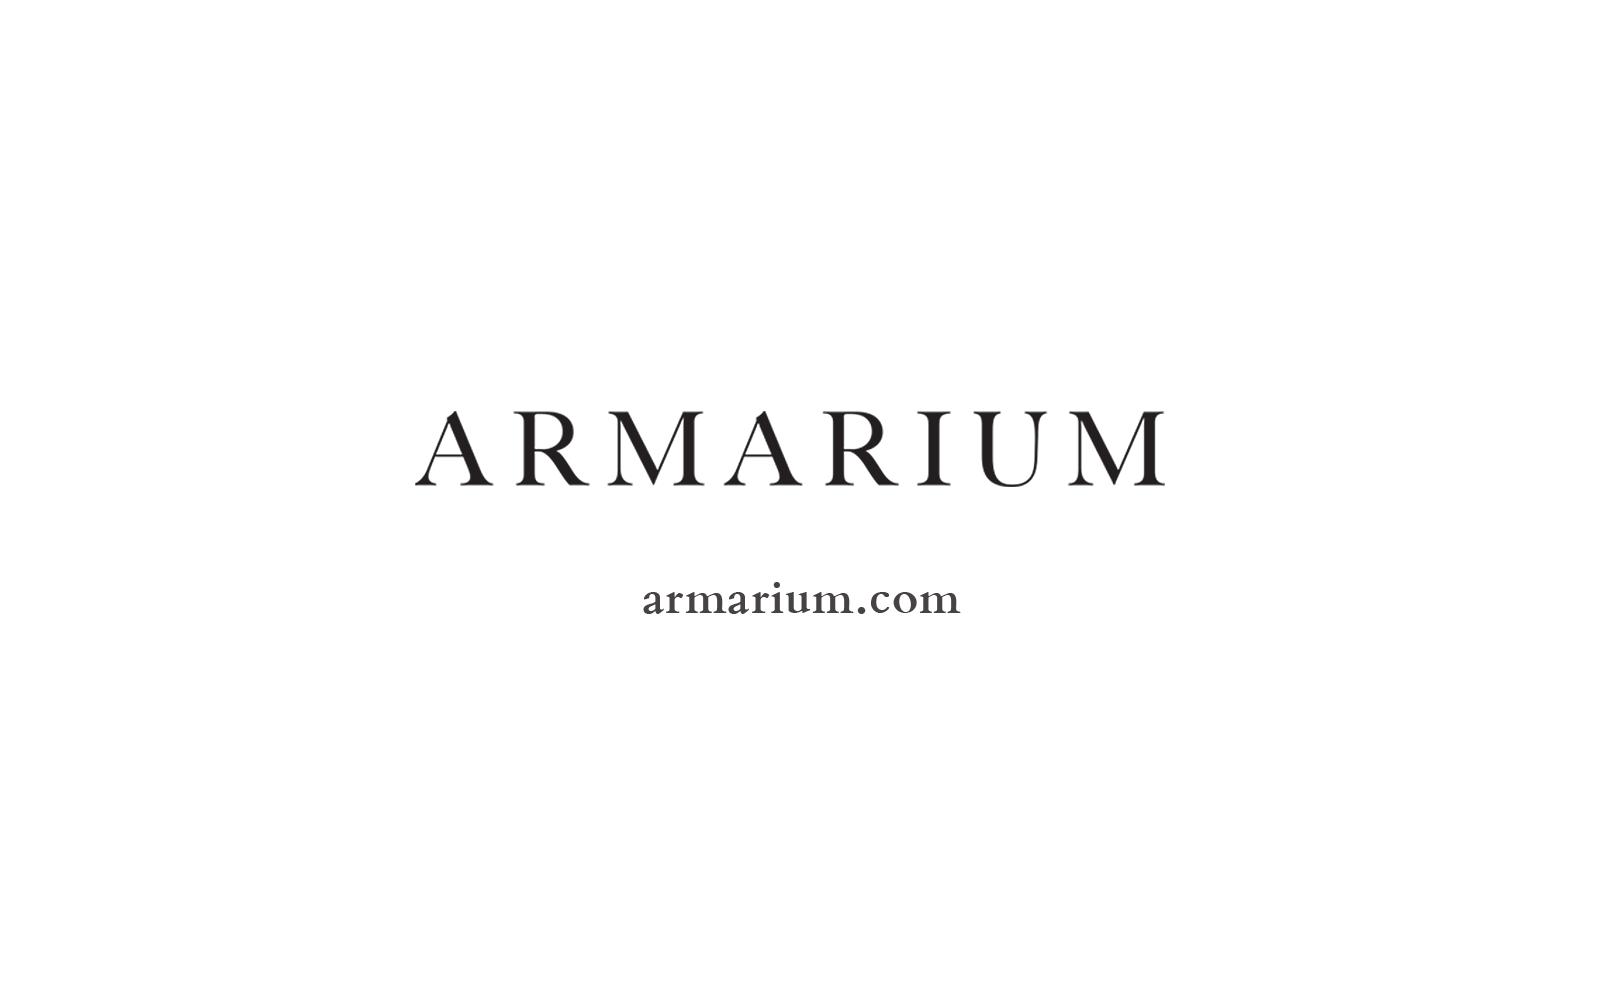 Armarium